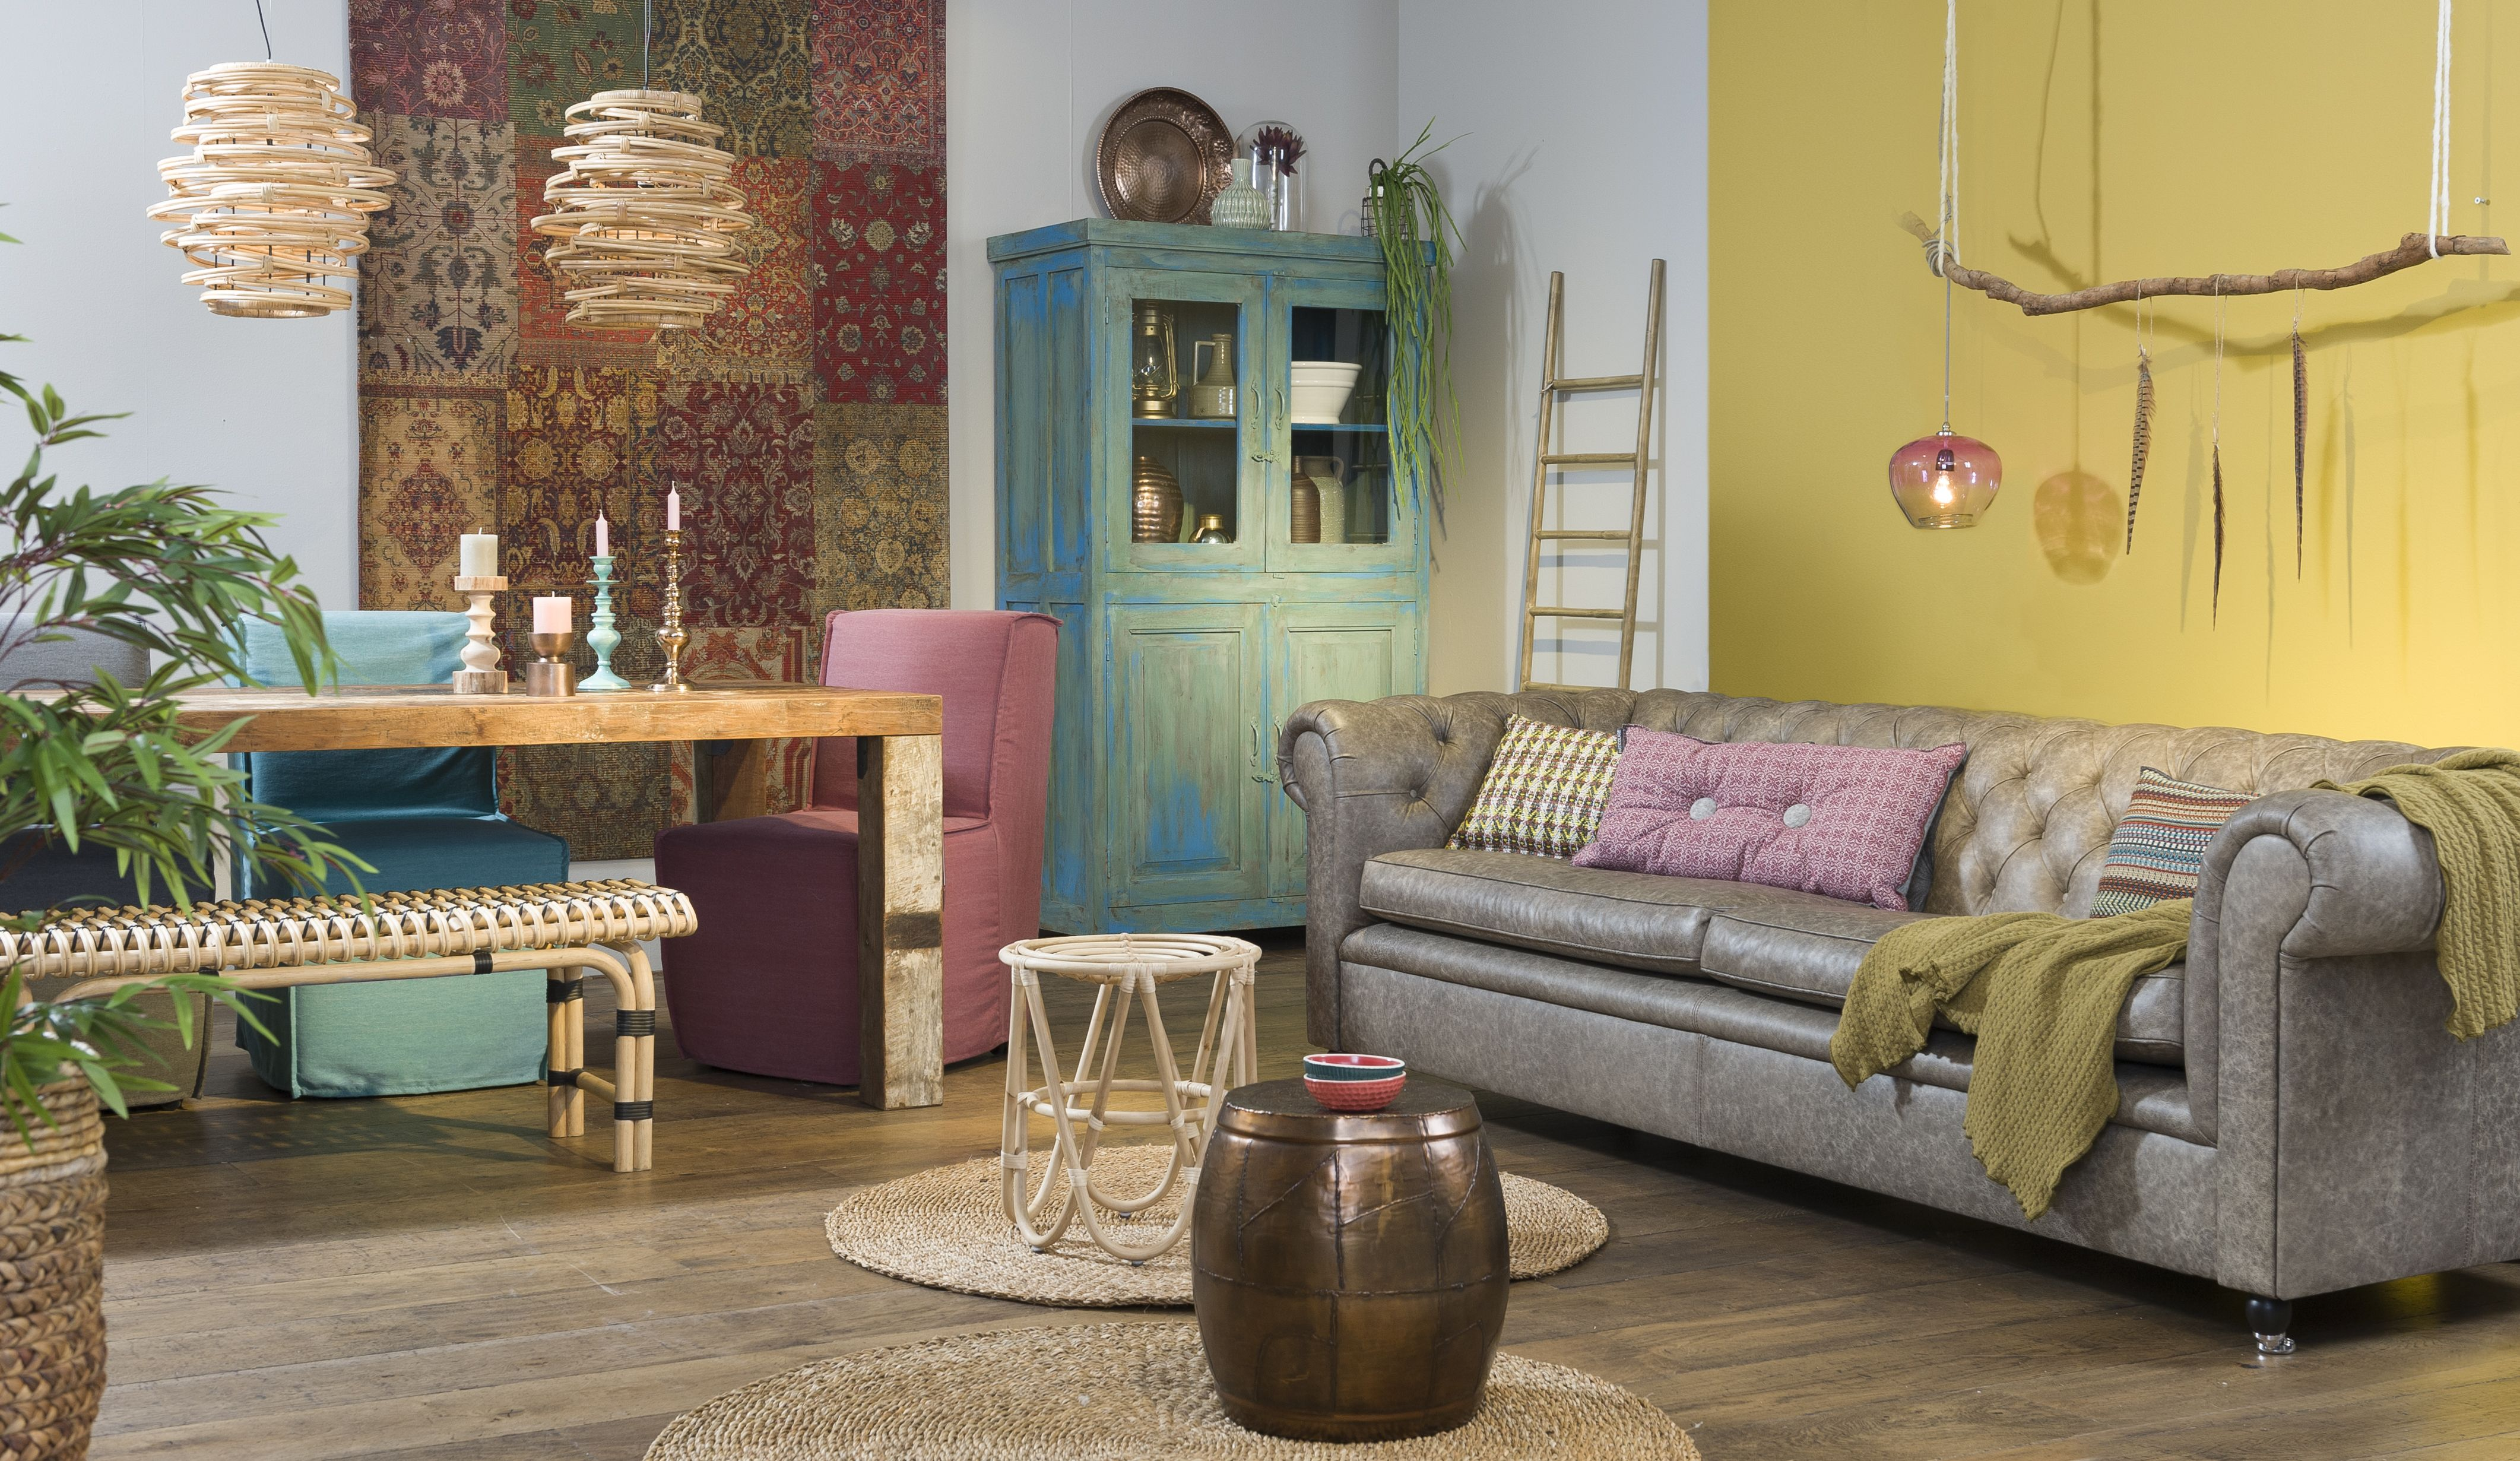 Arredamento Bohemien ~ Bohemian stijl studio eijerkamp #vtwonen #inspiratie #woonideeën